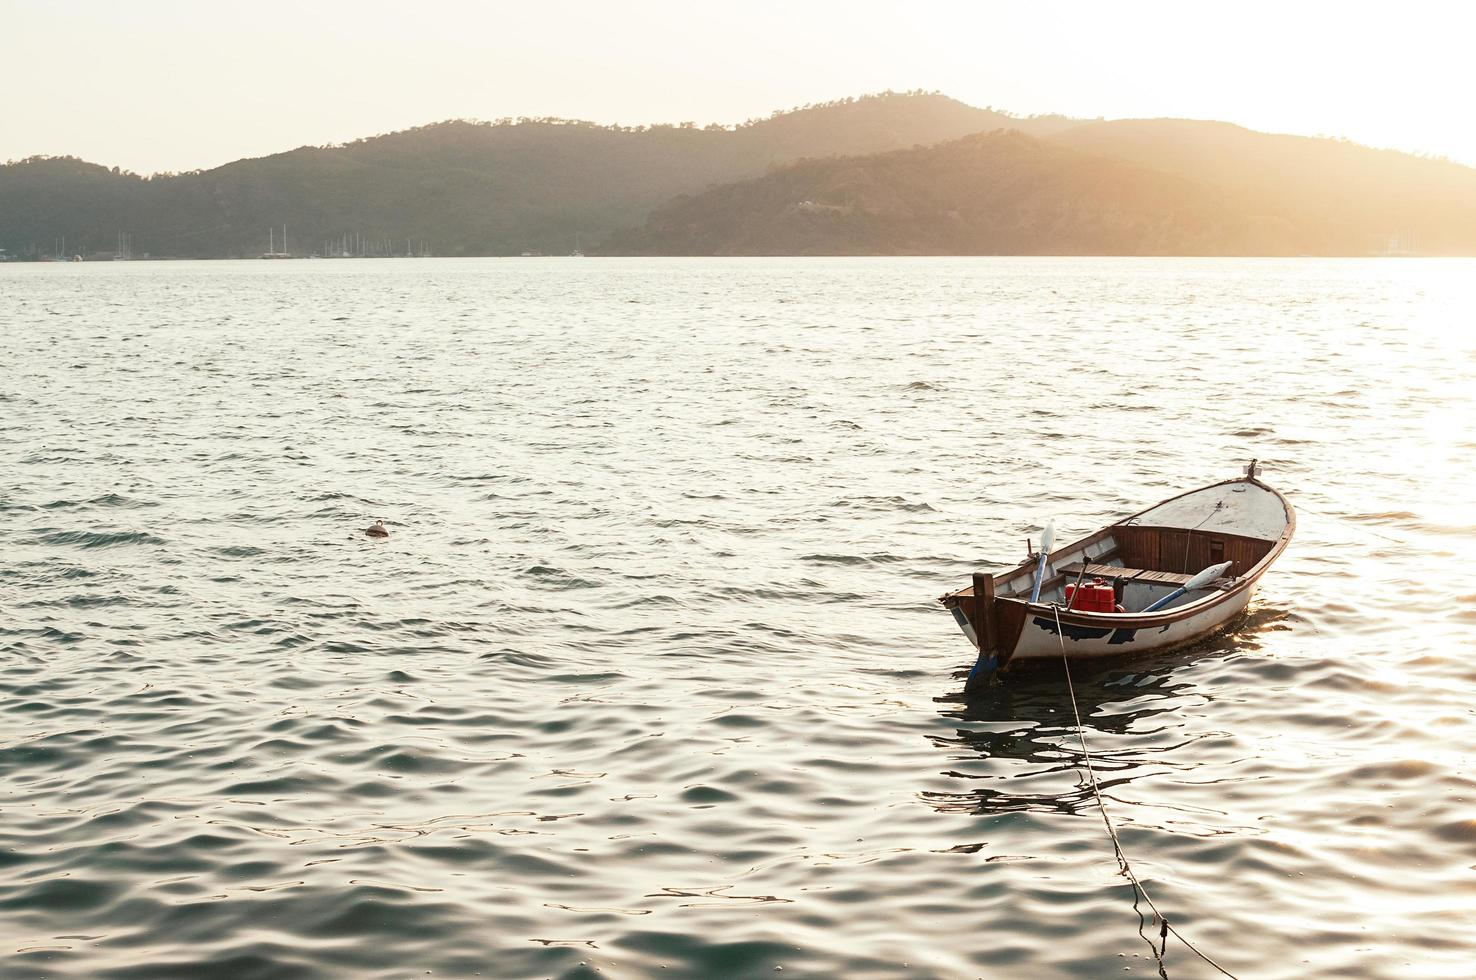 Viejo bote de remos de madera sobre el agua al atardecer foto